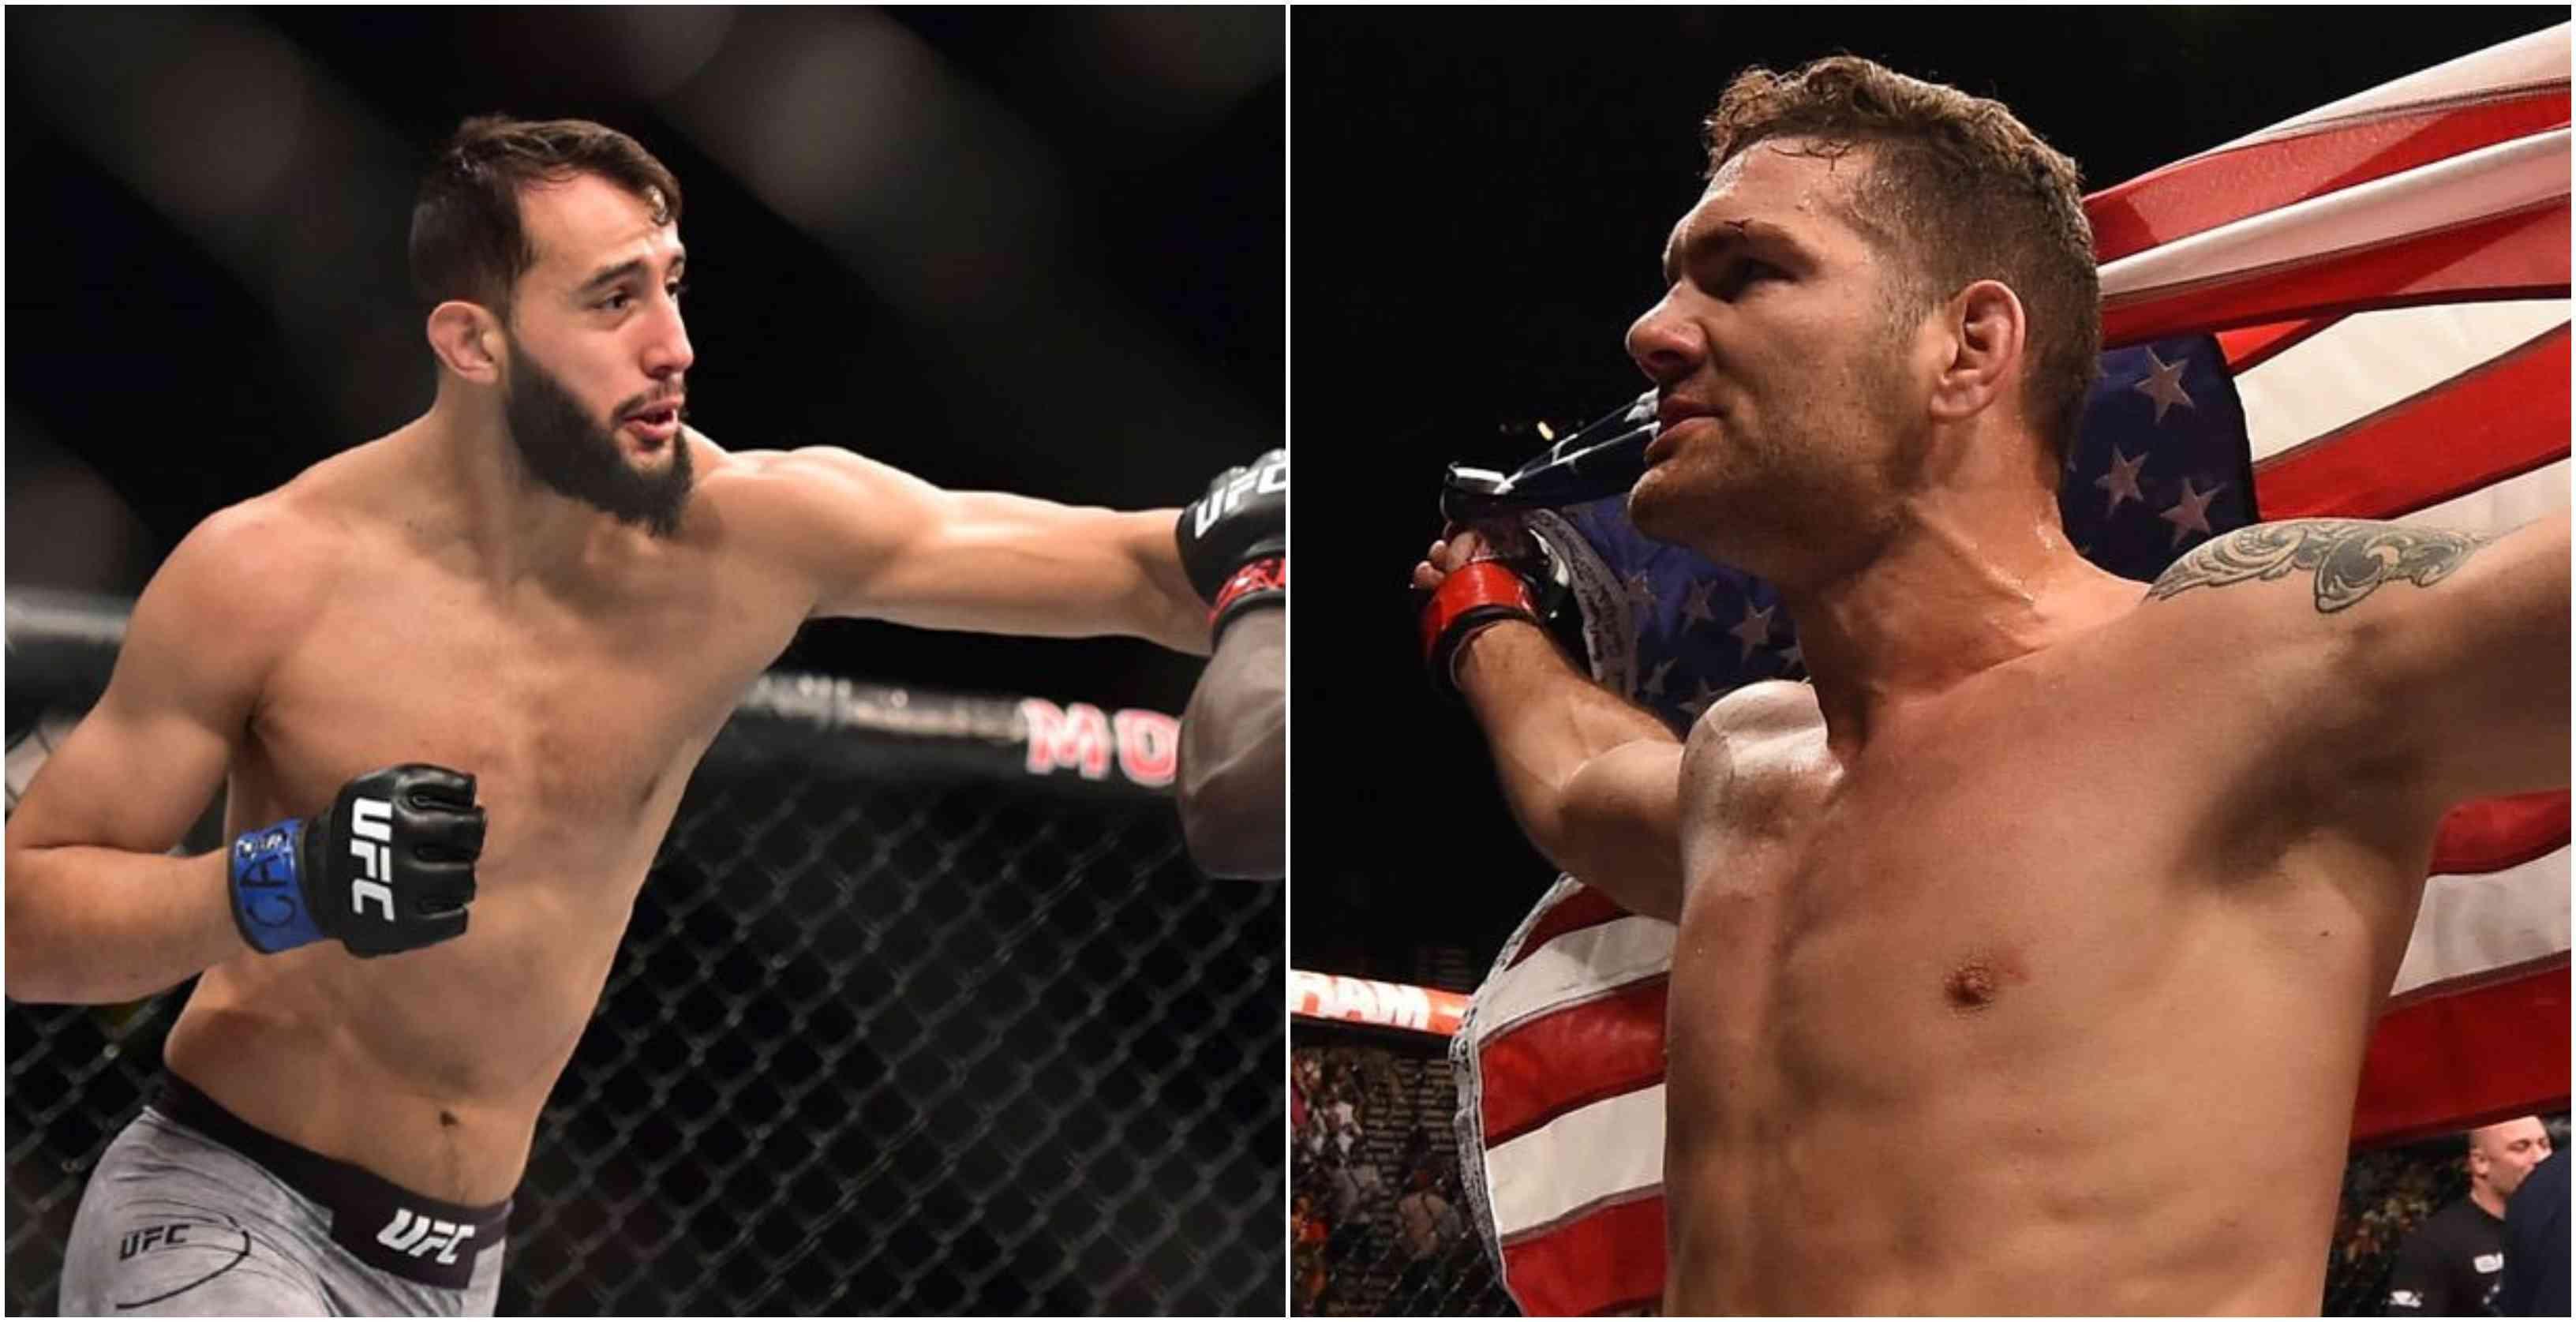 Chris Weidman vs Dominick Reyes set for UFC Boston on October 18 - Weidman